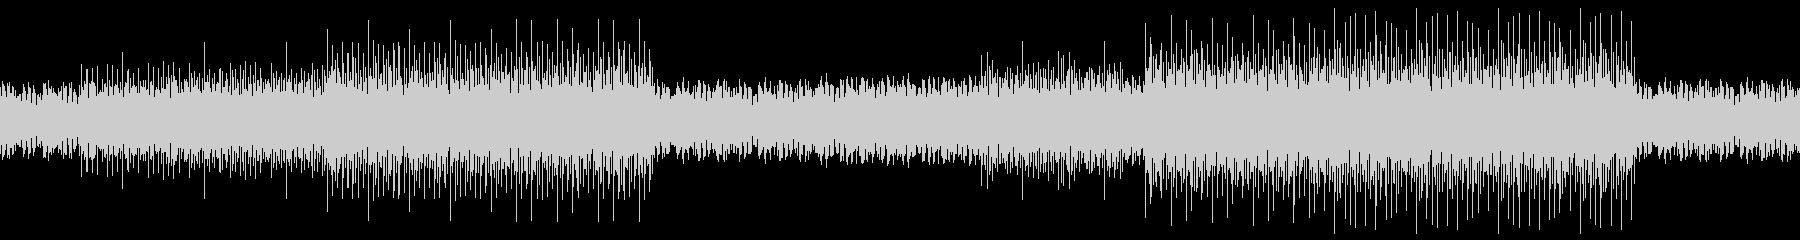 【ループ対応】エレクトロニカBGMの未再生の波形